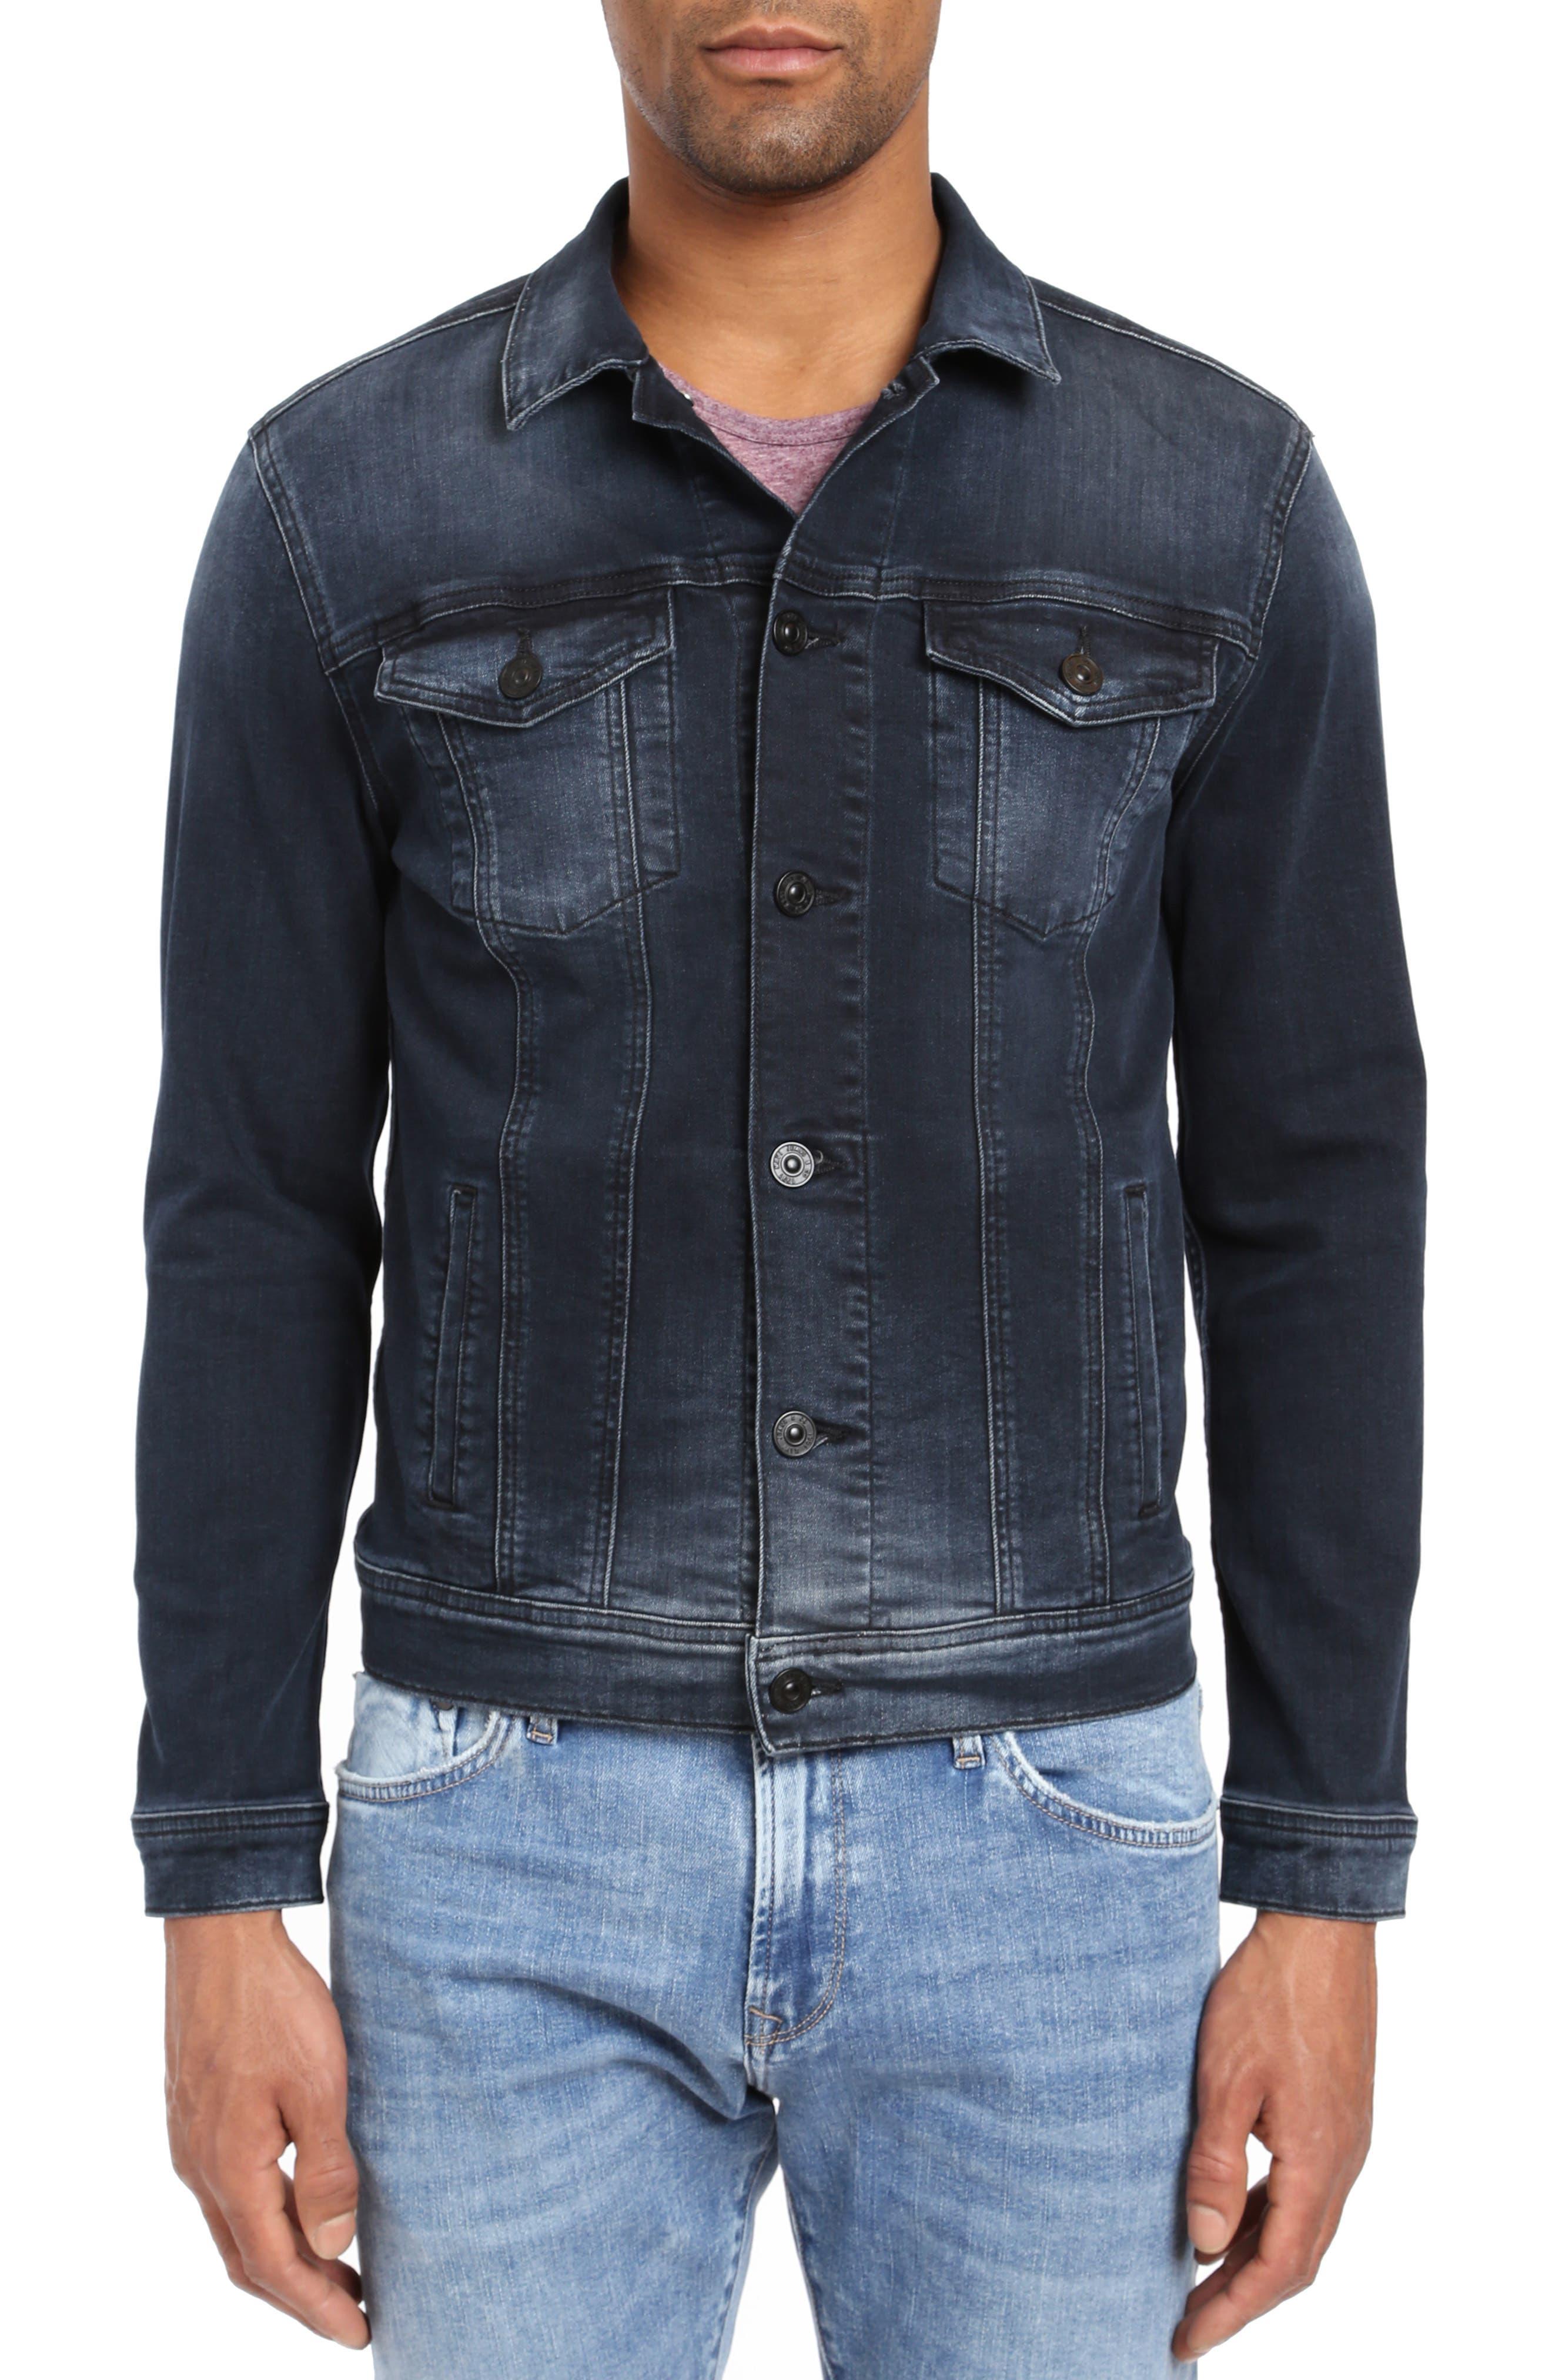 Frank Denim Jacket, Main, color, INK BRUSHED AUTHENTIC VINTAGE